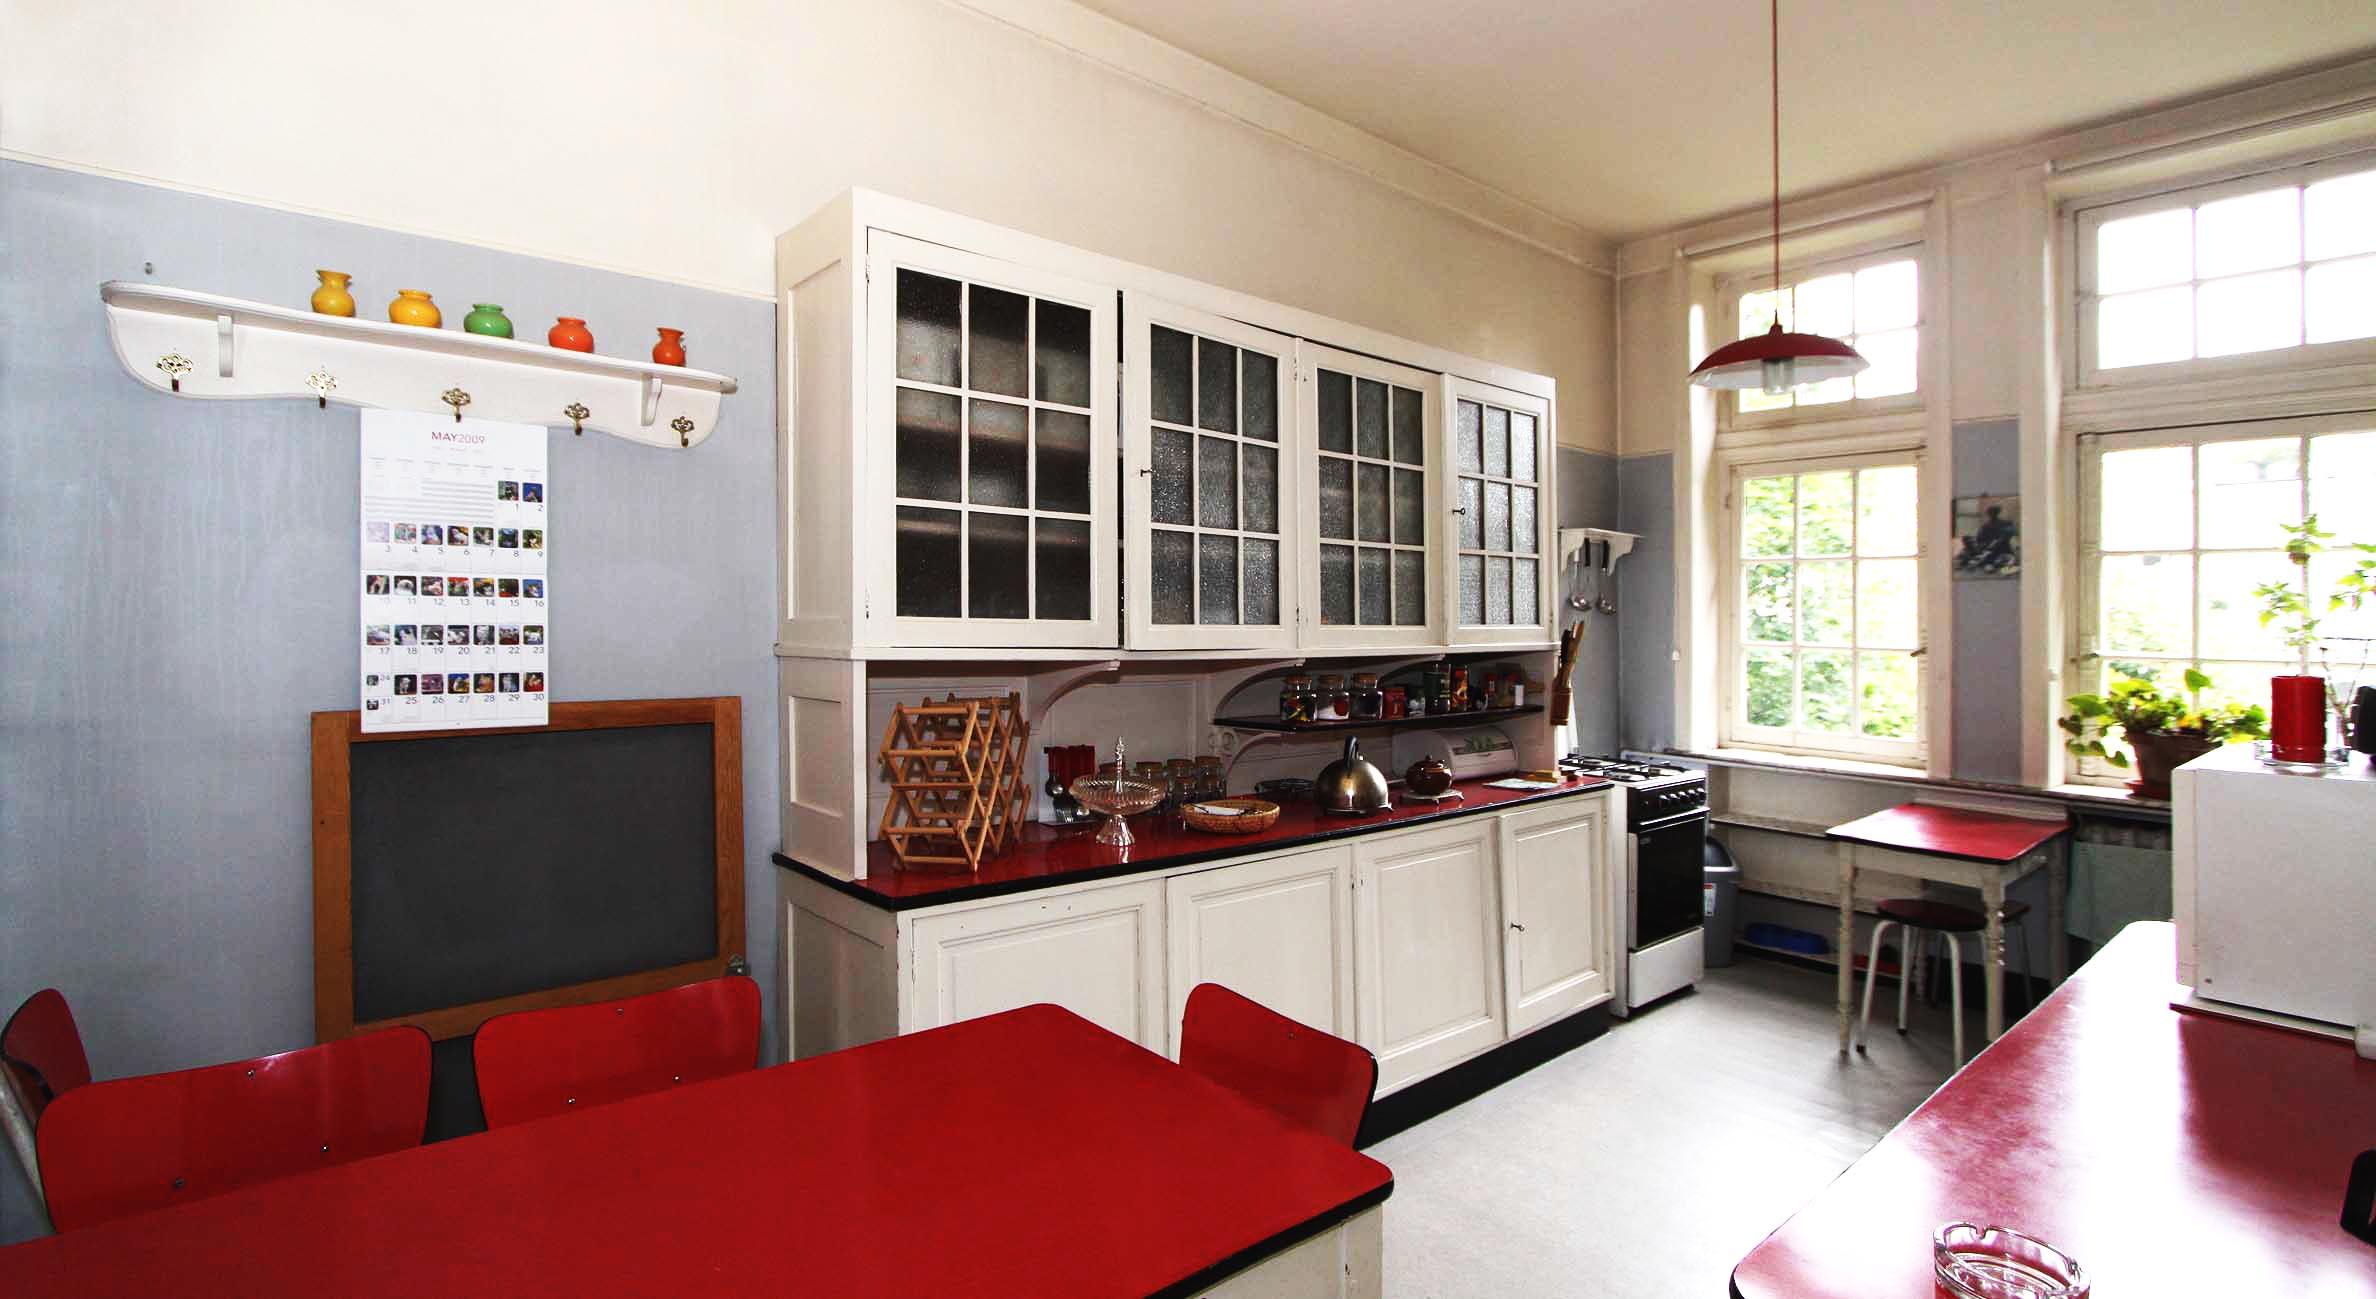 Location appartement Dijon : stratégie des propriétaires